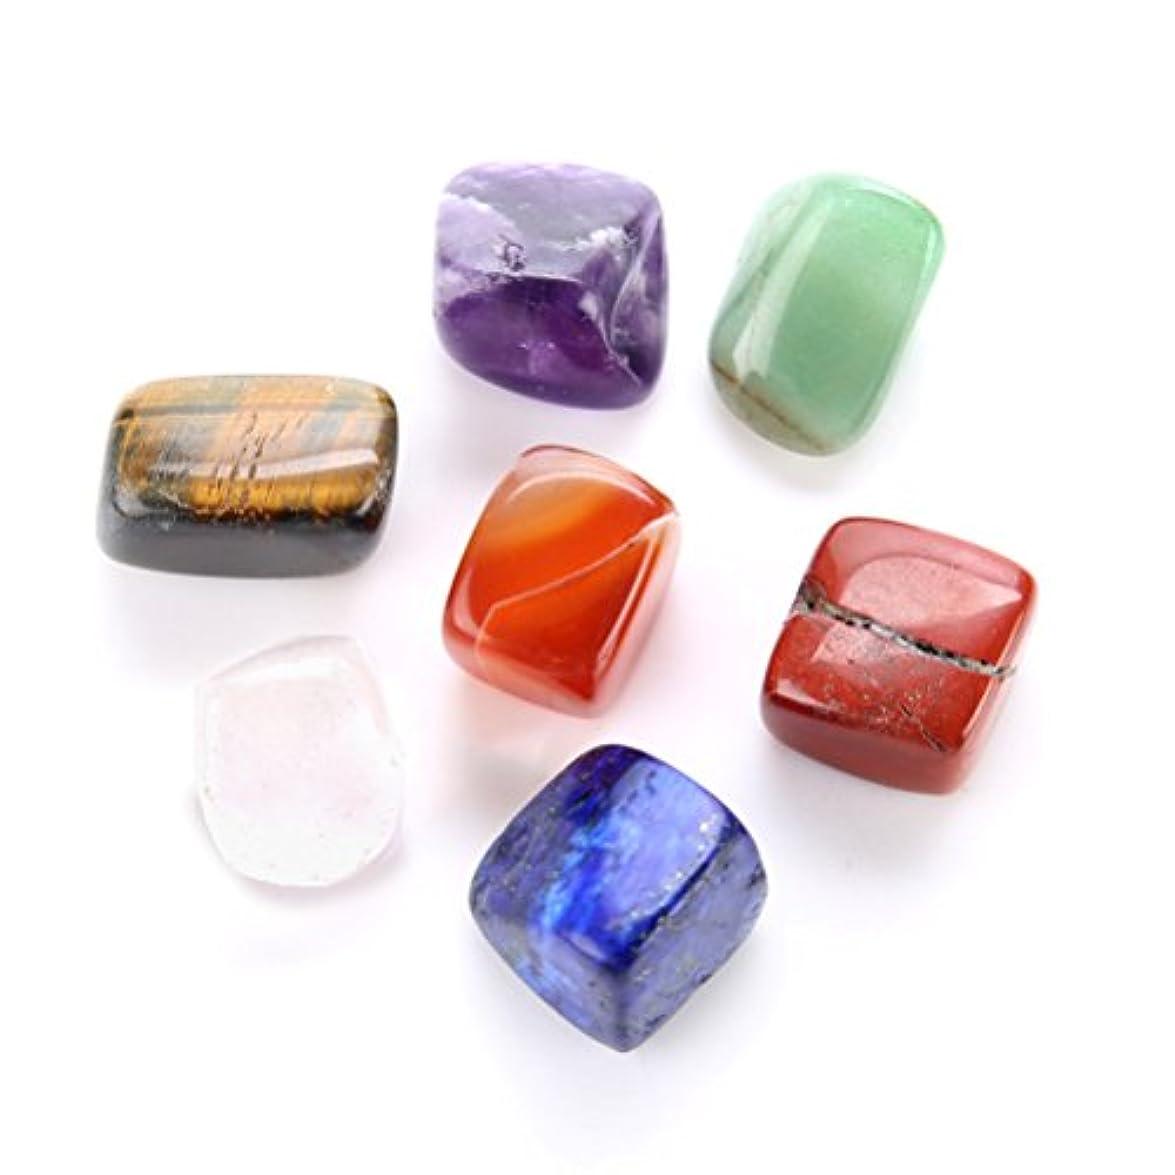 熱心な出会いグリルROSENICE 癒しのクリスタル7チャクラの宝石と心配の石を接地するためにバランスをとる瞑想レイキ